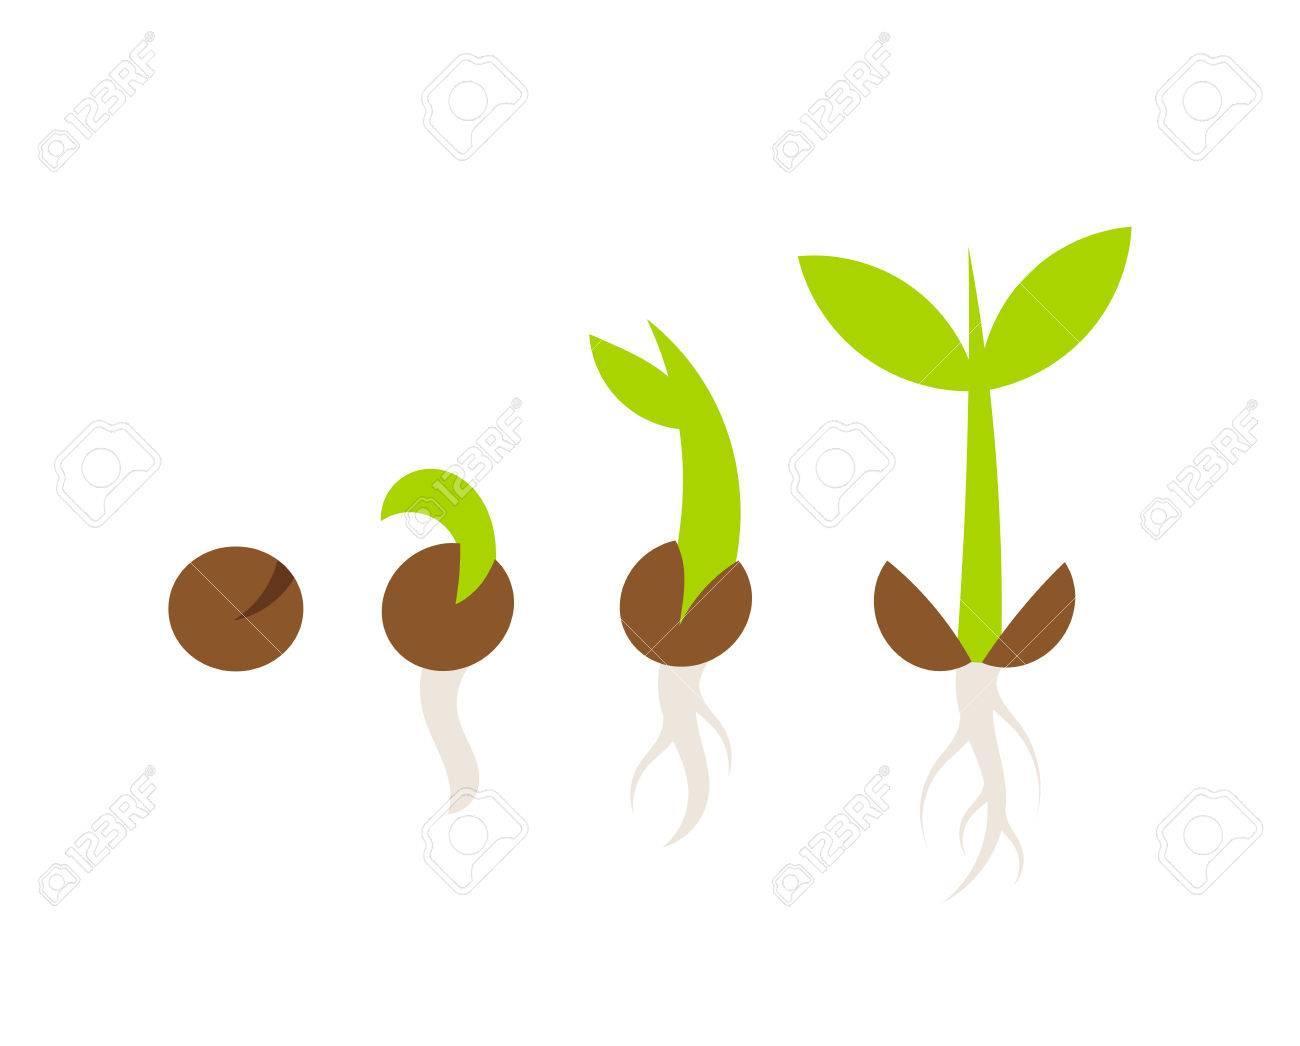 植物の種子の発芽の段階ベクトル図のイラスト素材ベクタ Image